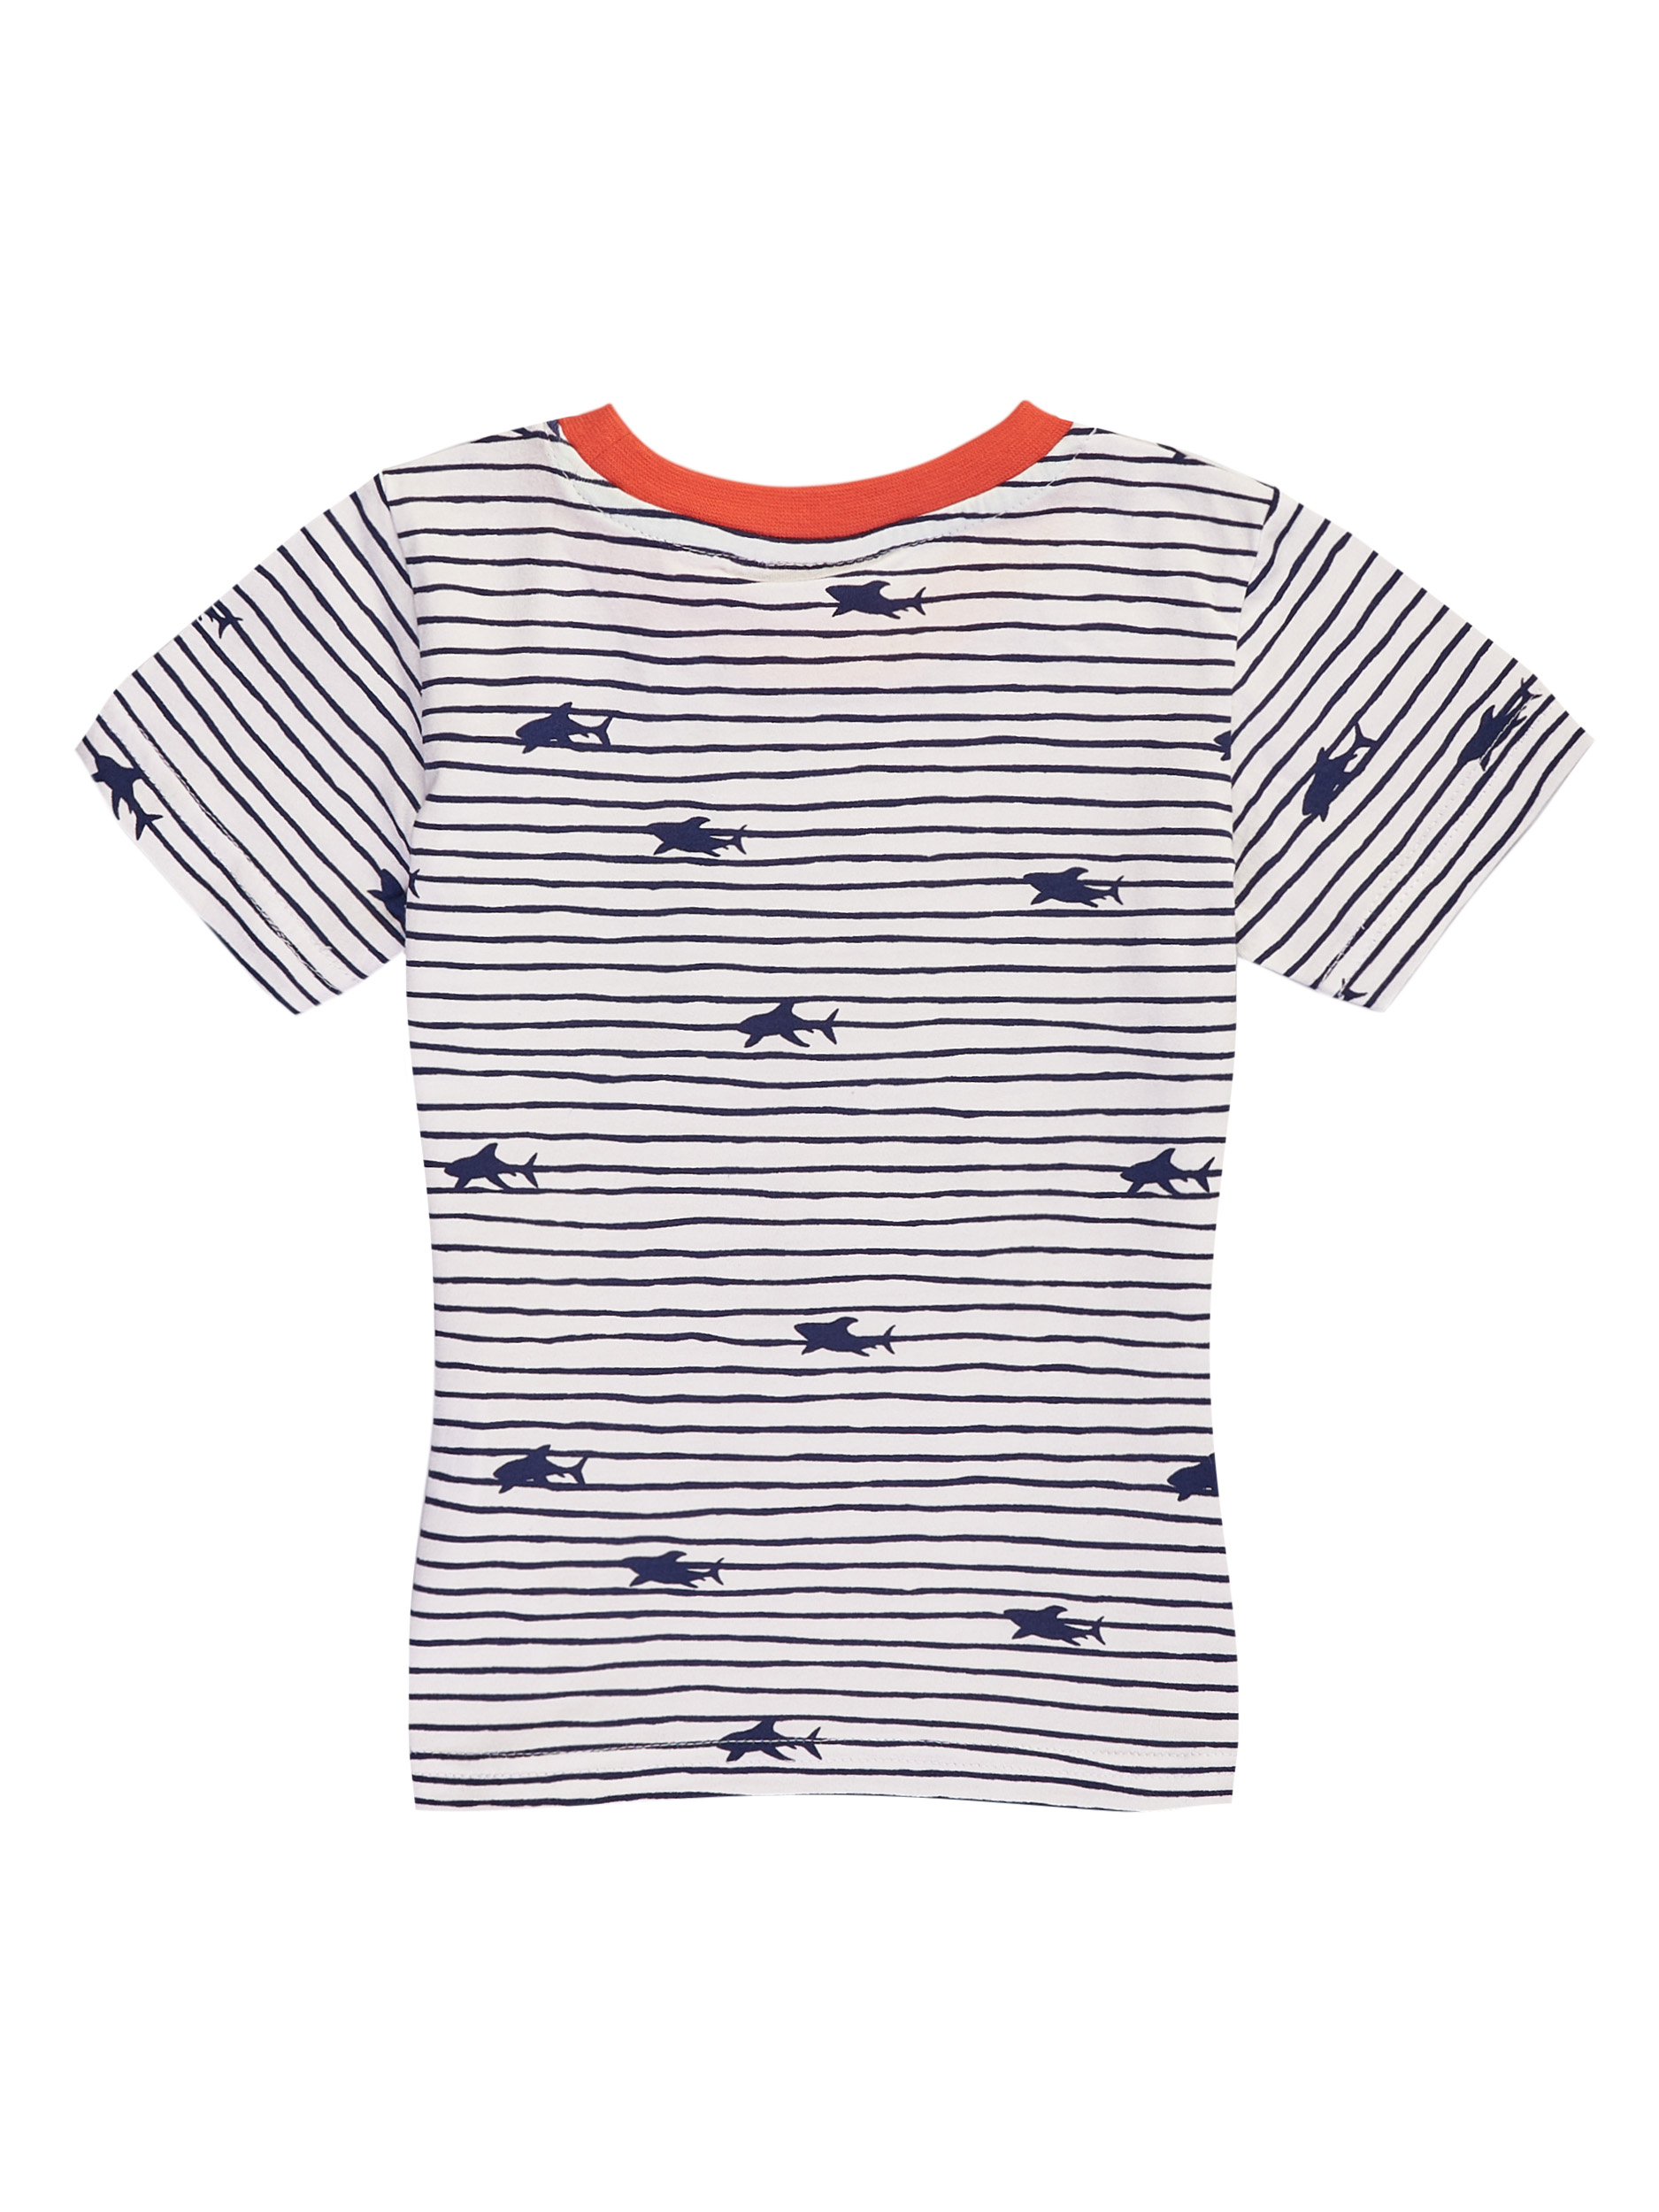 Chlapecké tričko Marine - bílé Bílá